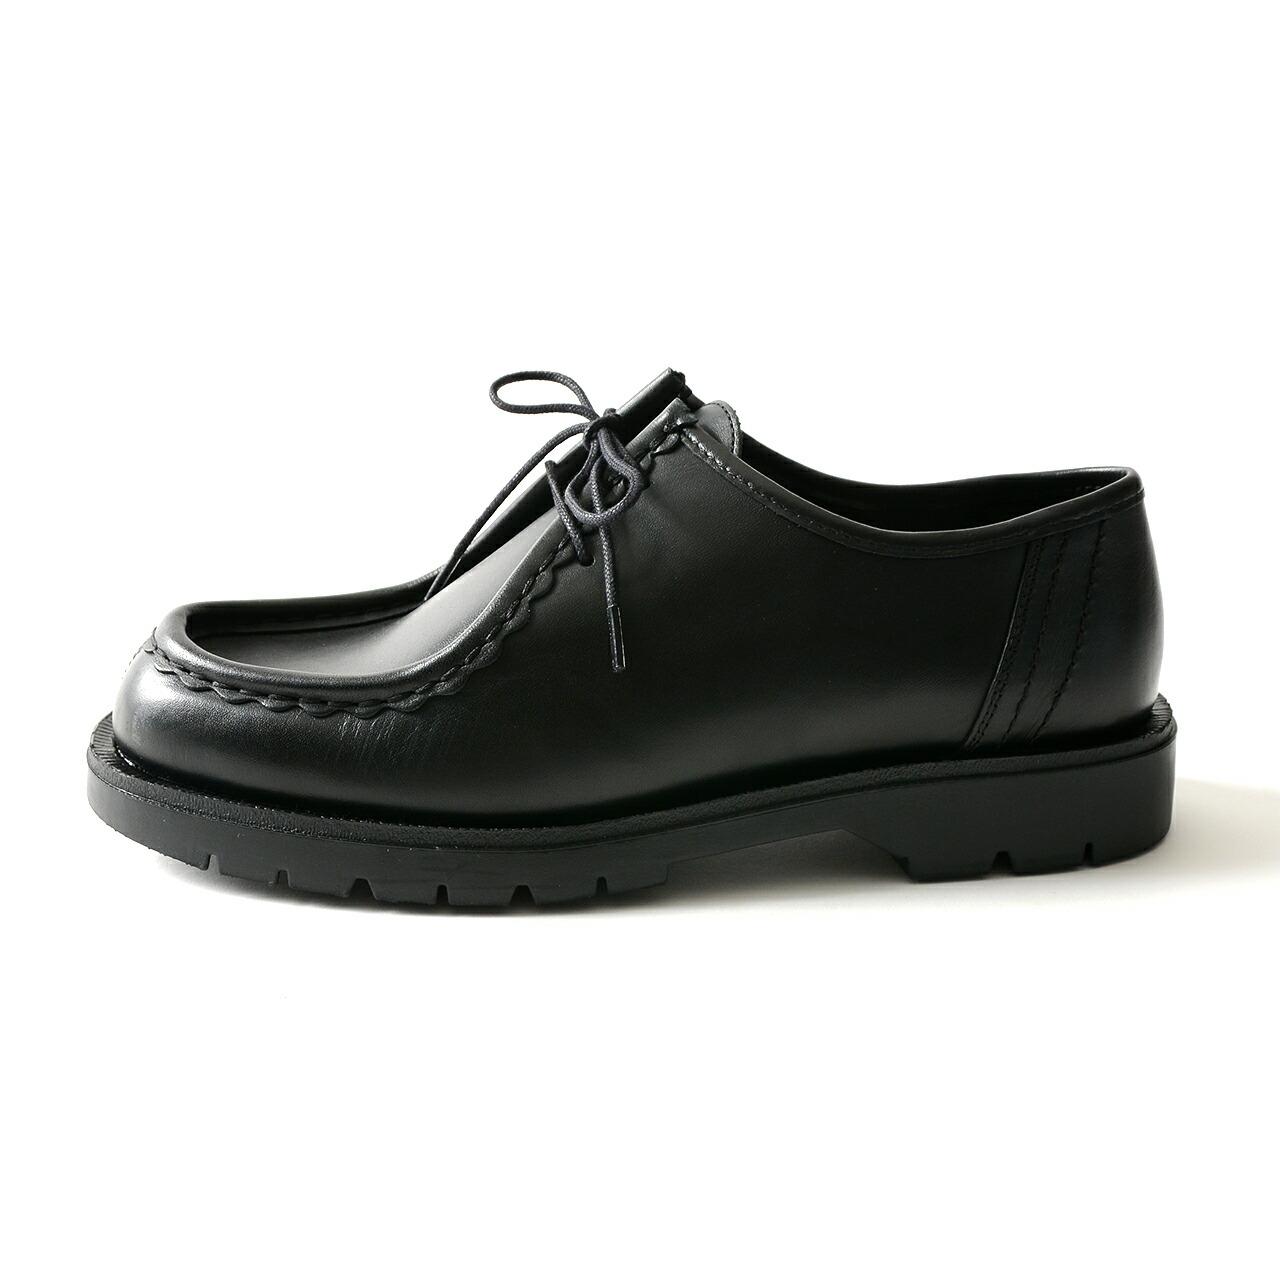 革靴 クレマン 【KLEMAN PADRE